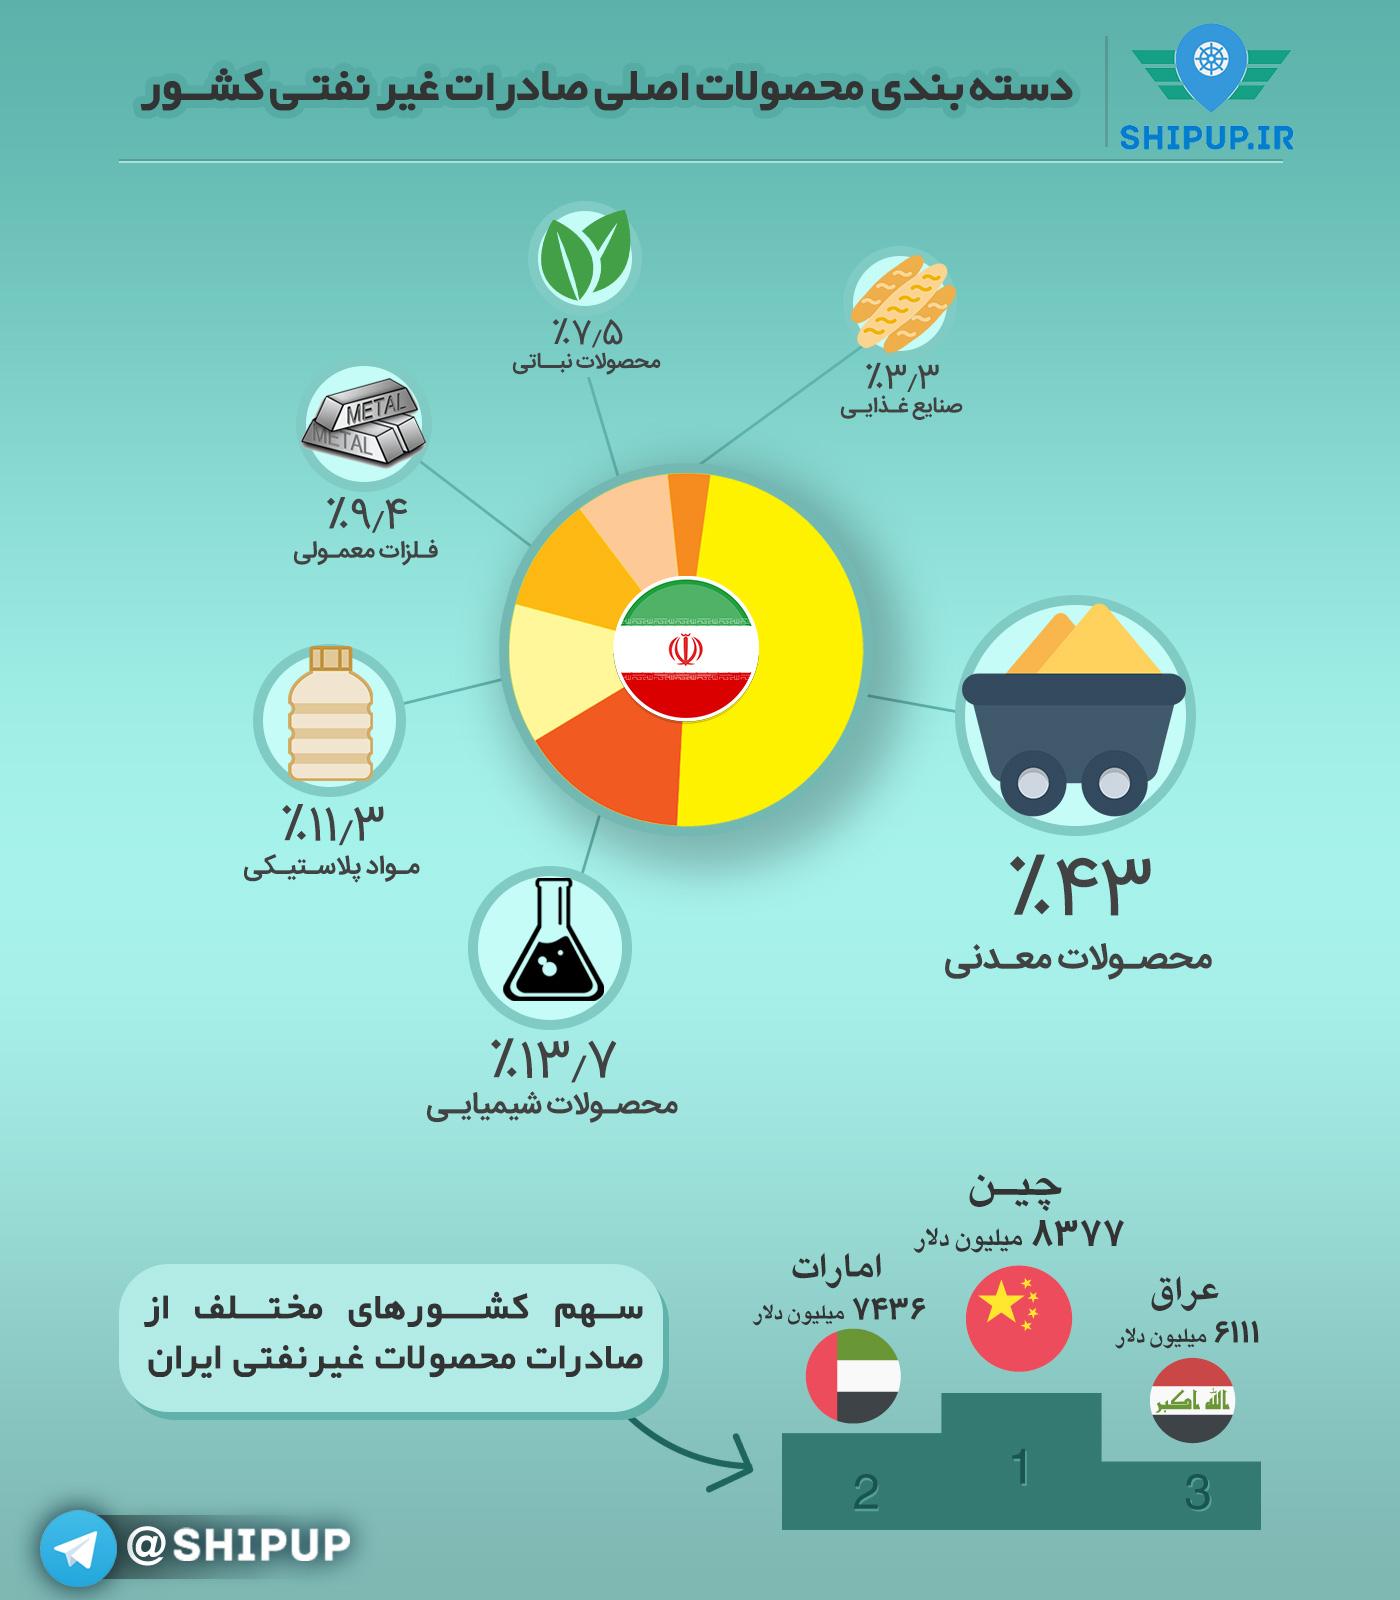 صادرات ایران در سال 95...چه و به کجا؟